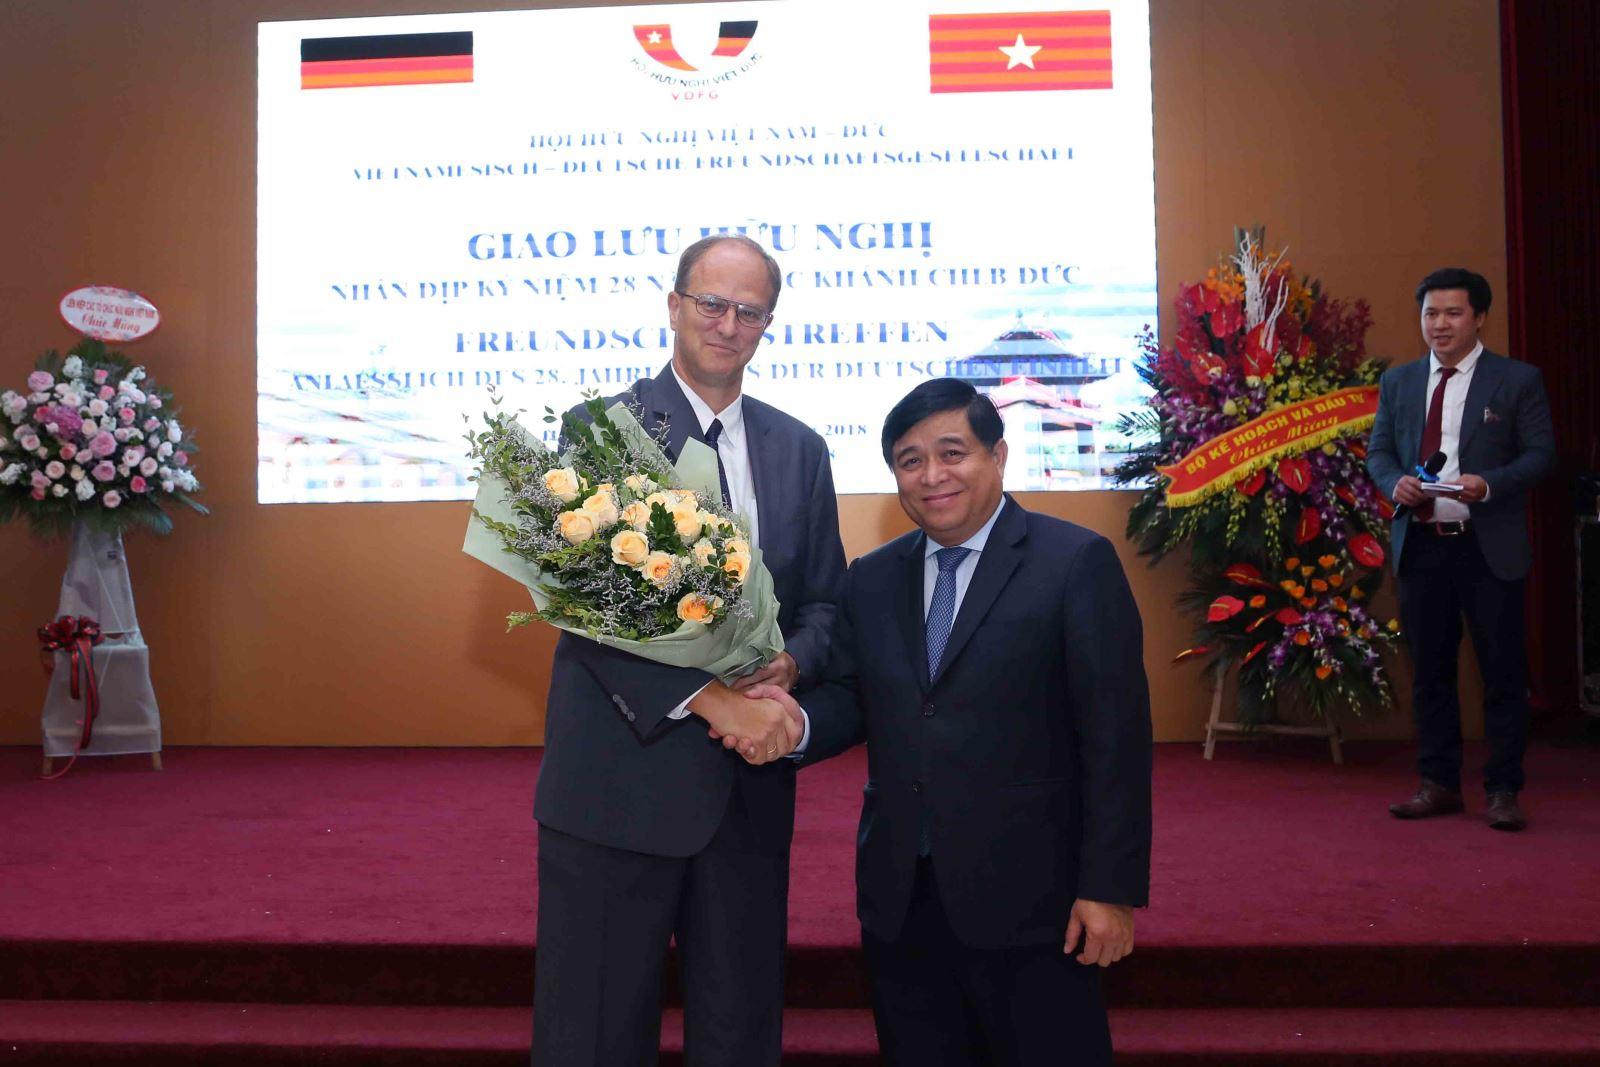 Bộ trưởng Nguyễn Chí Dũng chúc mừng Đại sứ Christian Berger nhân Kỷ niệm 28 năm Ngày Quốc khánh CHLB Đức. Ảnh: MPI